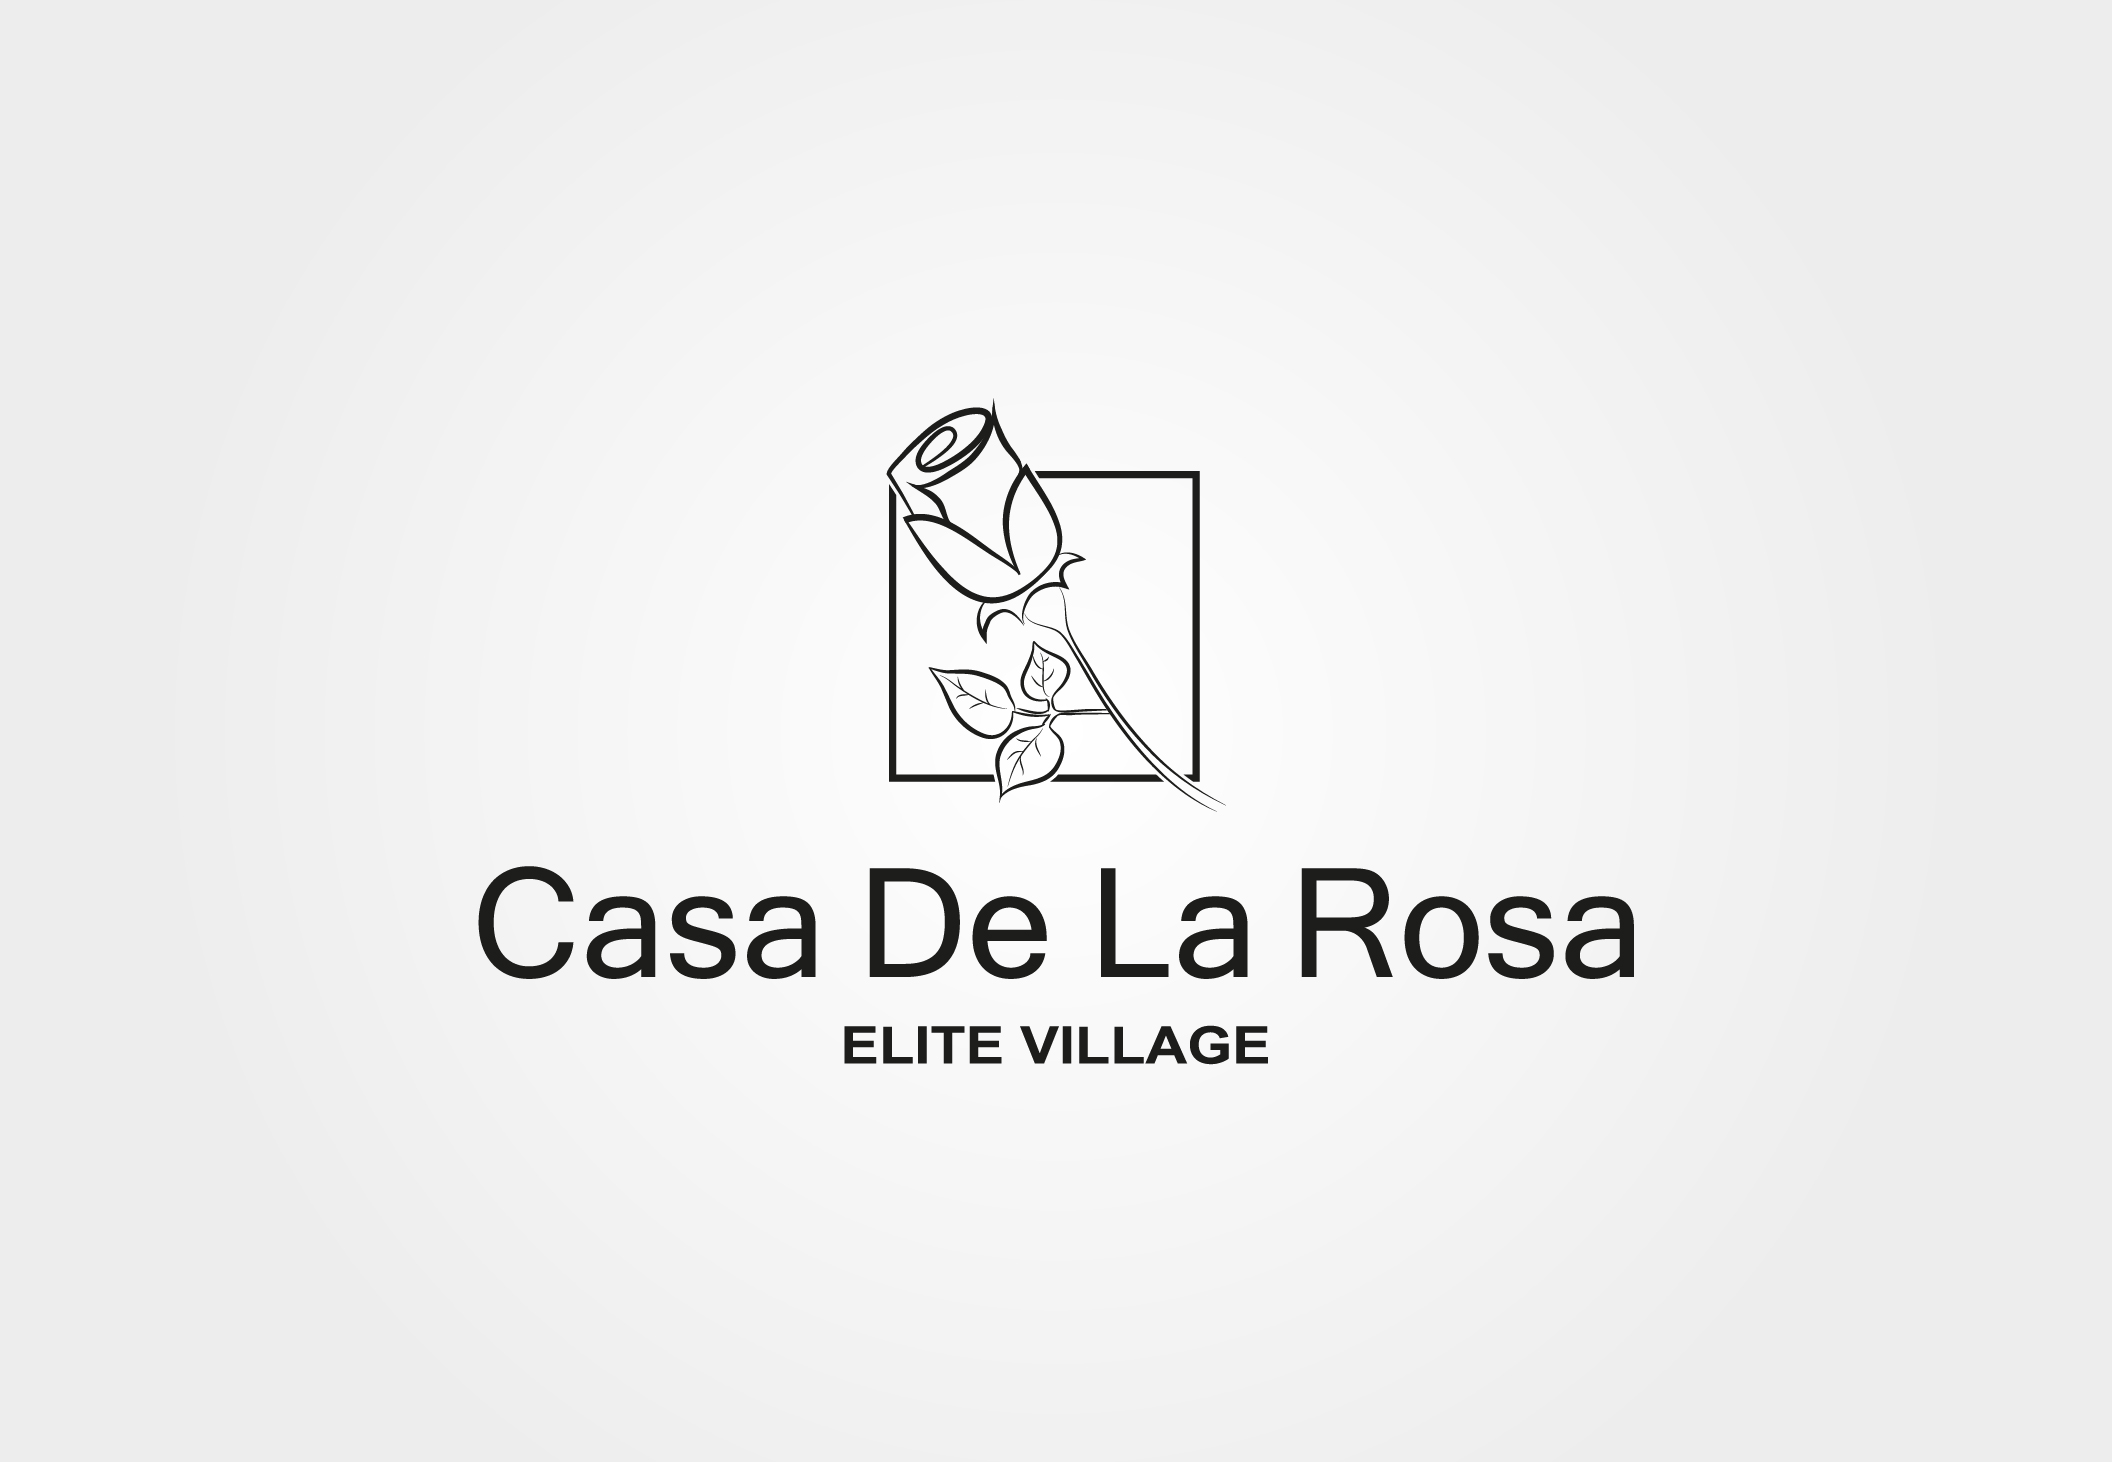 Логотип + Фирменный знак для элитного поселка Casa De La Rosa фото f_2935cd6a5faba236.jpg